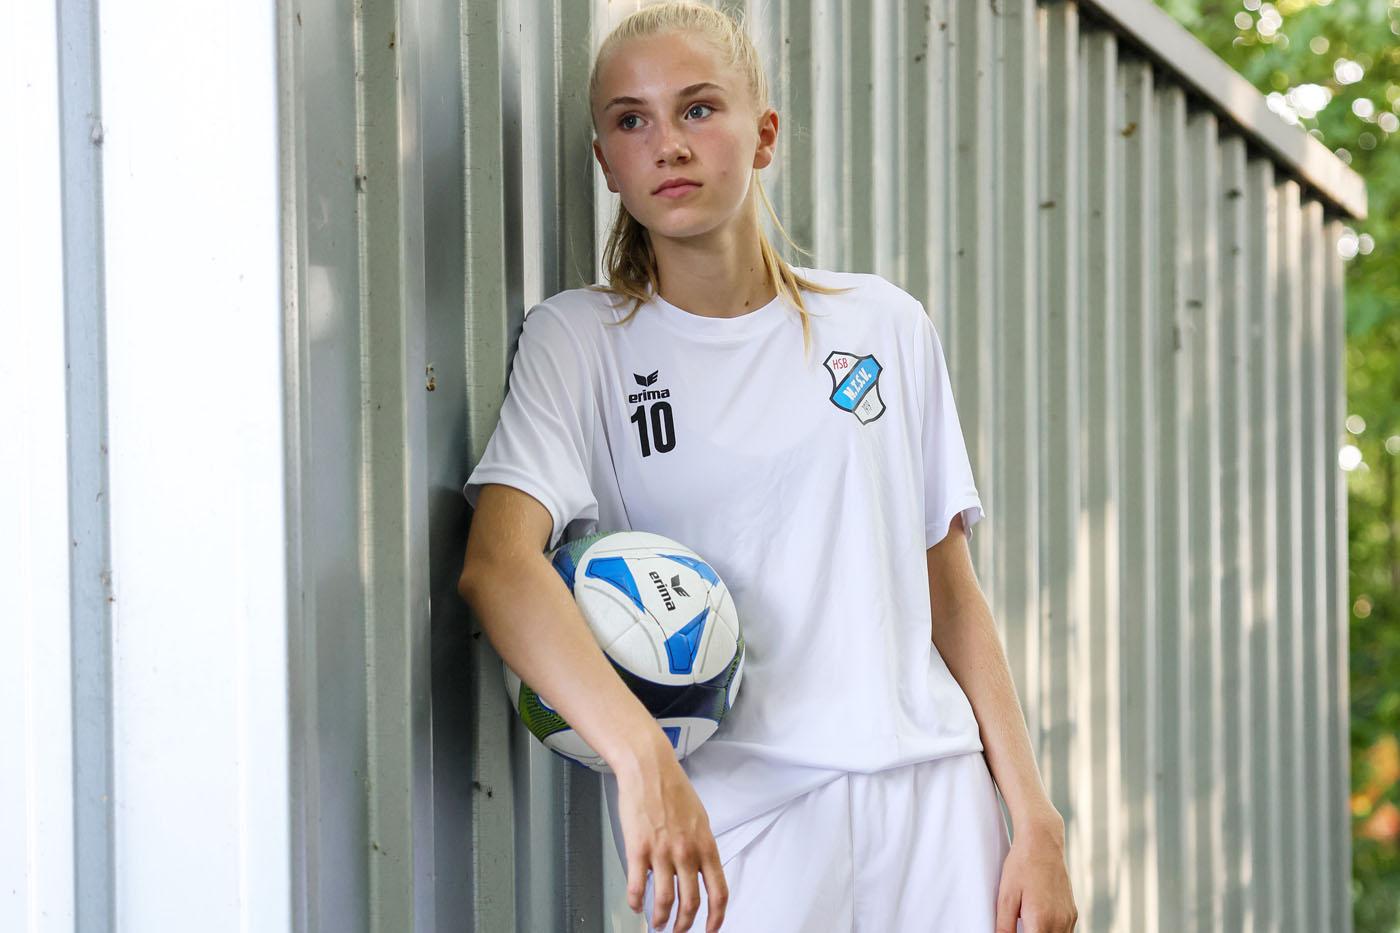 Paulina Bartz vom Niendorfer TSV